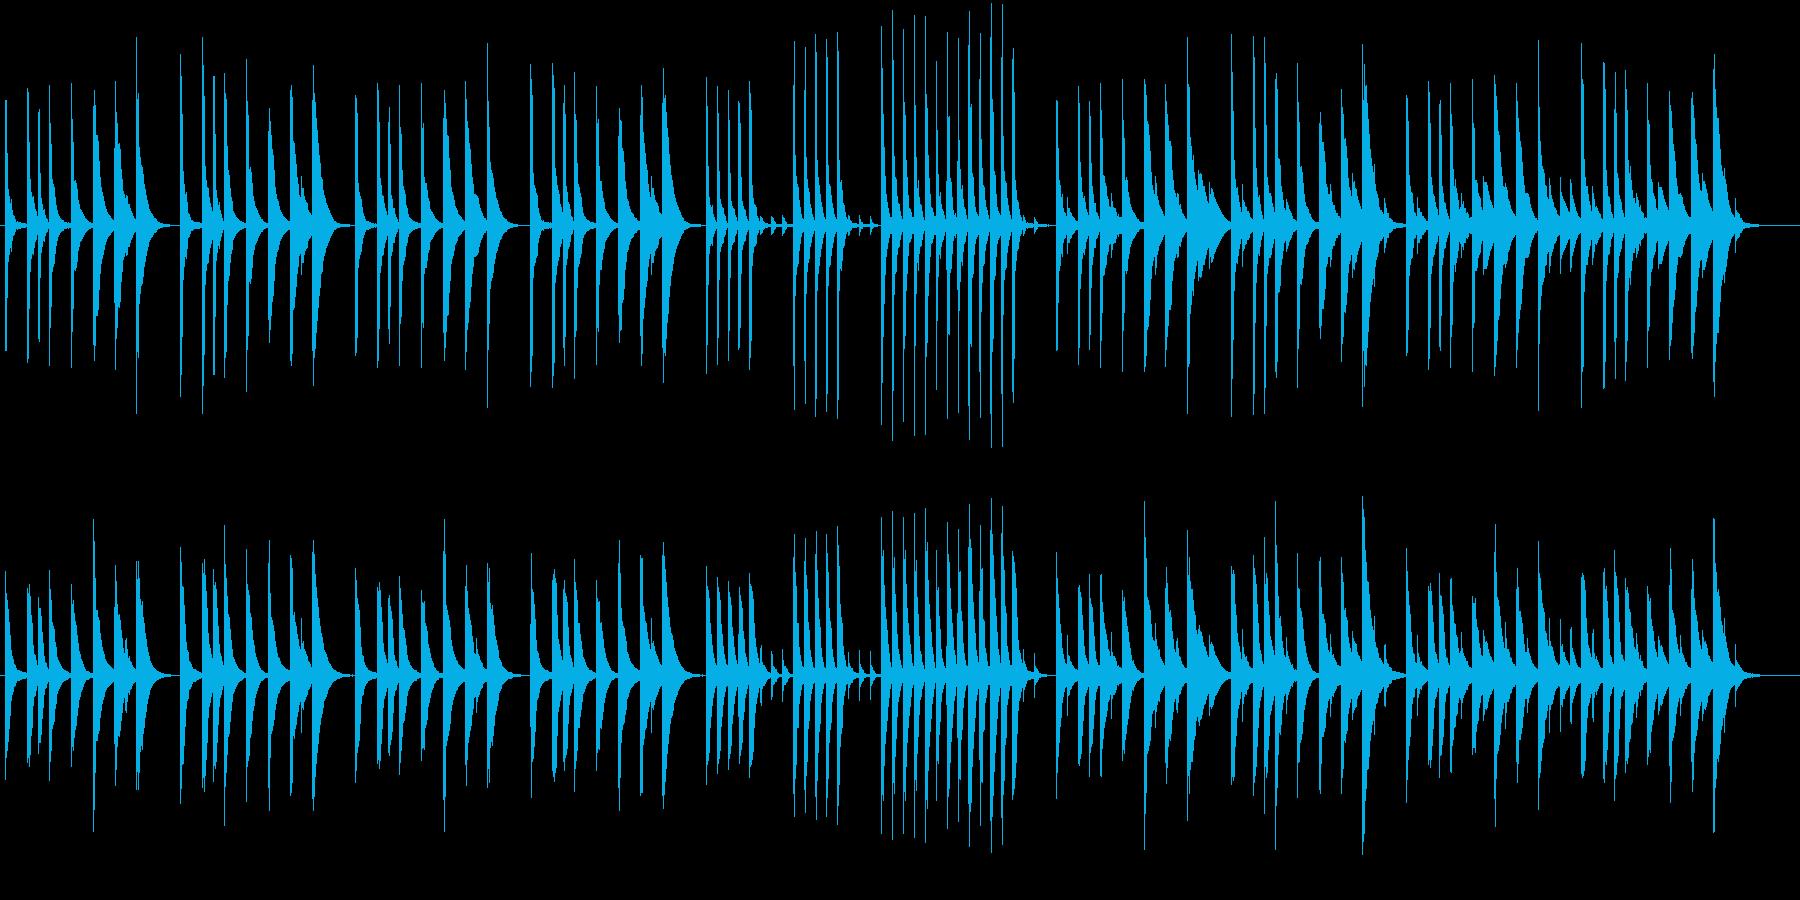 木琴のみで作ったのんびりした短い曲の再生済みの波形